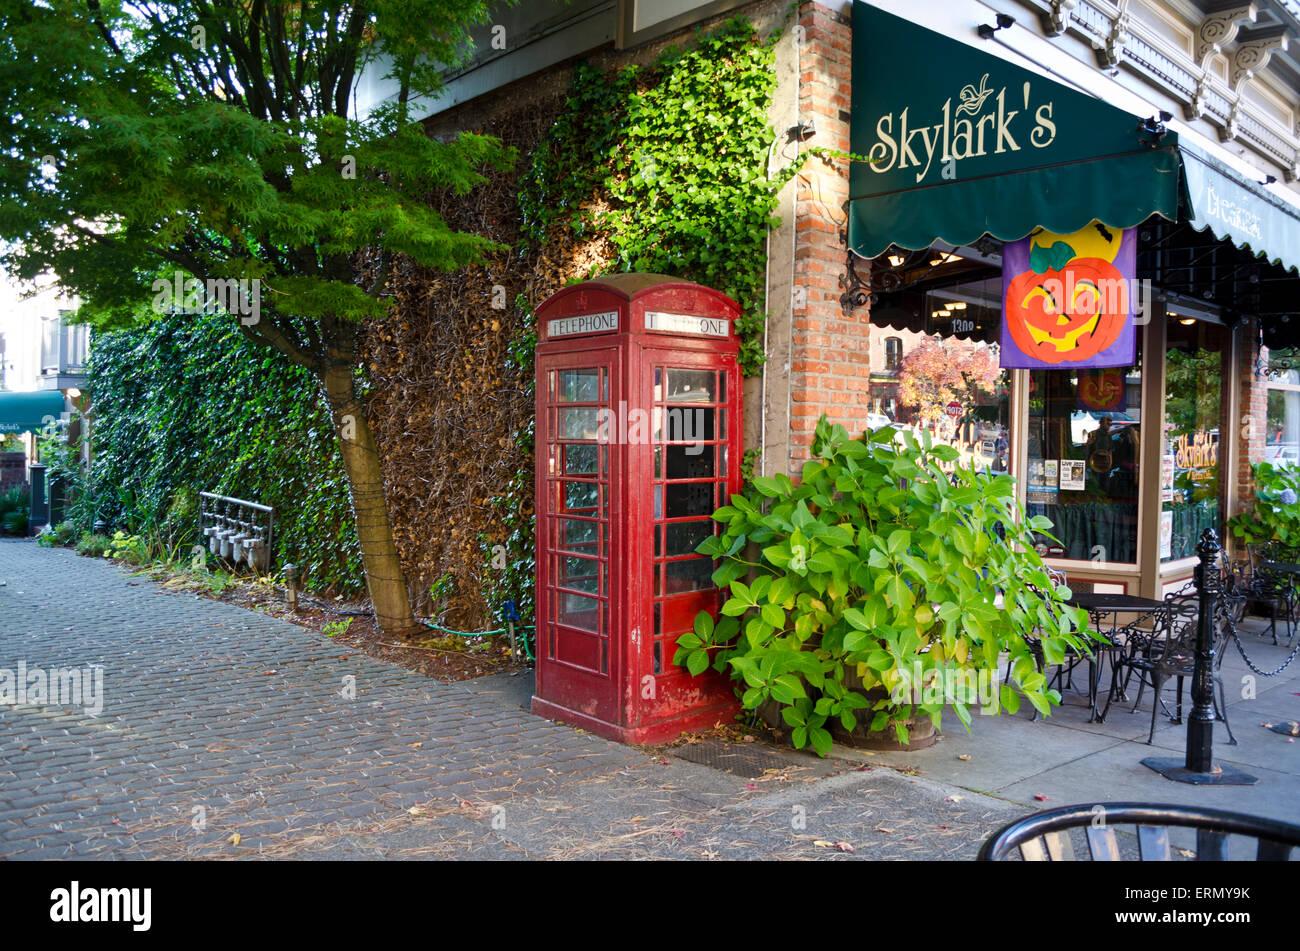 Angolo di edificio da Skylark del ristorante nel centro cittadino di Fairhaven, Bellingham, Washington, Stati Uniti Immagini Stock